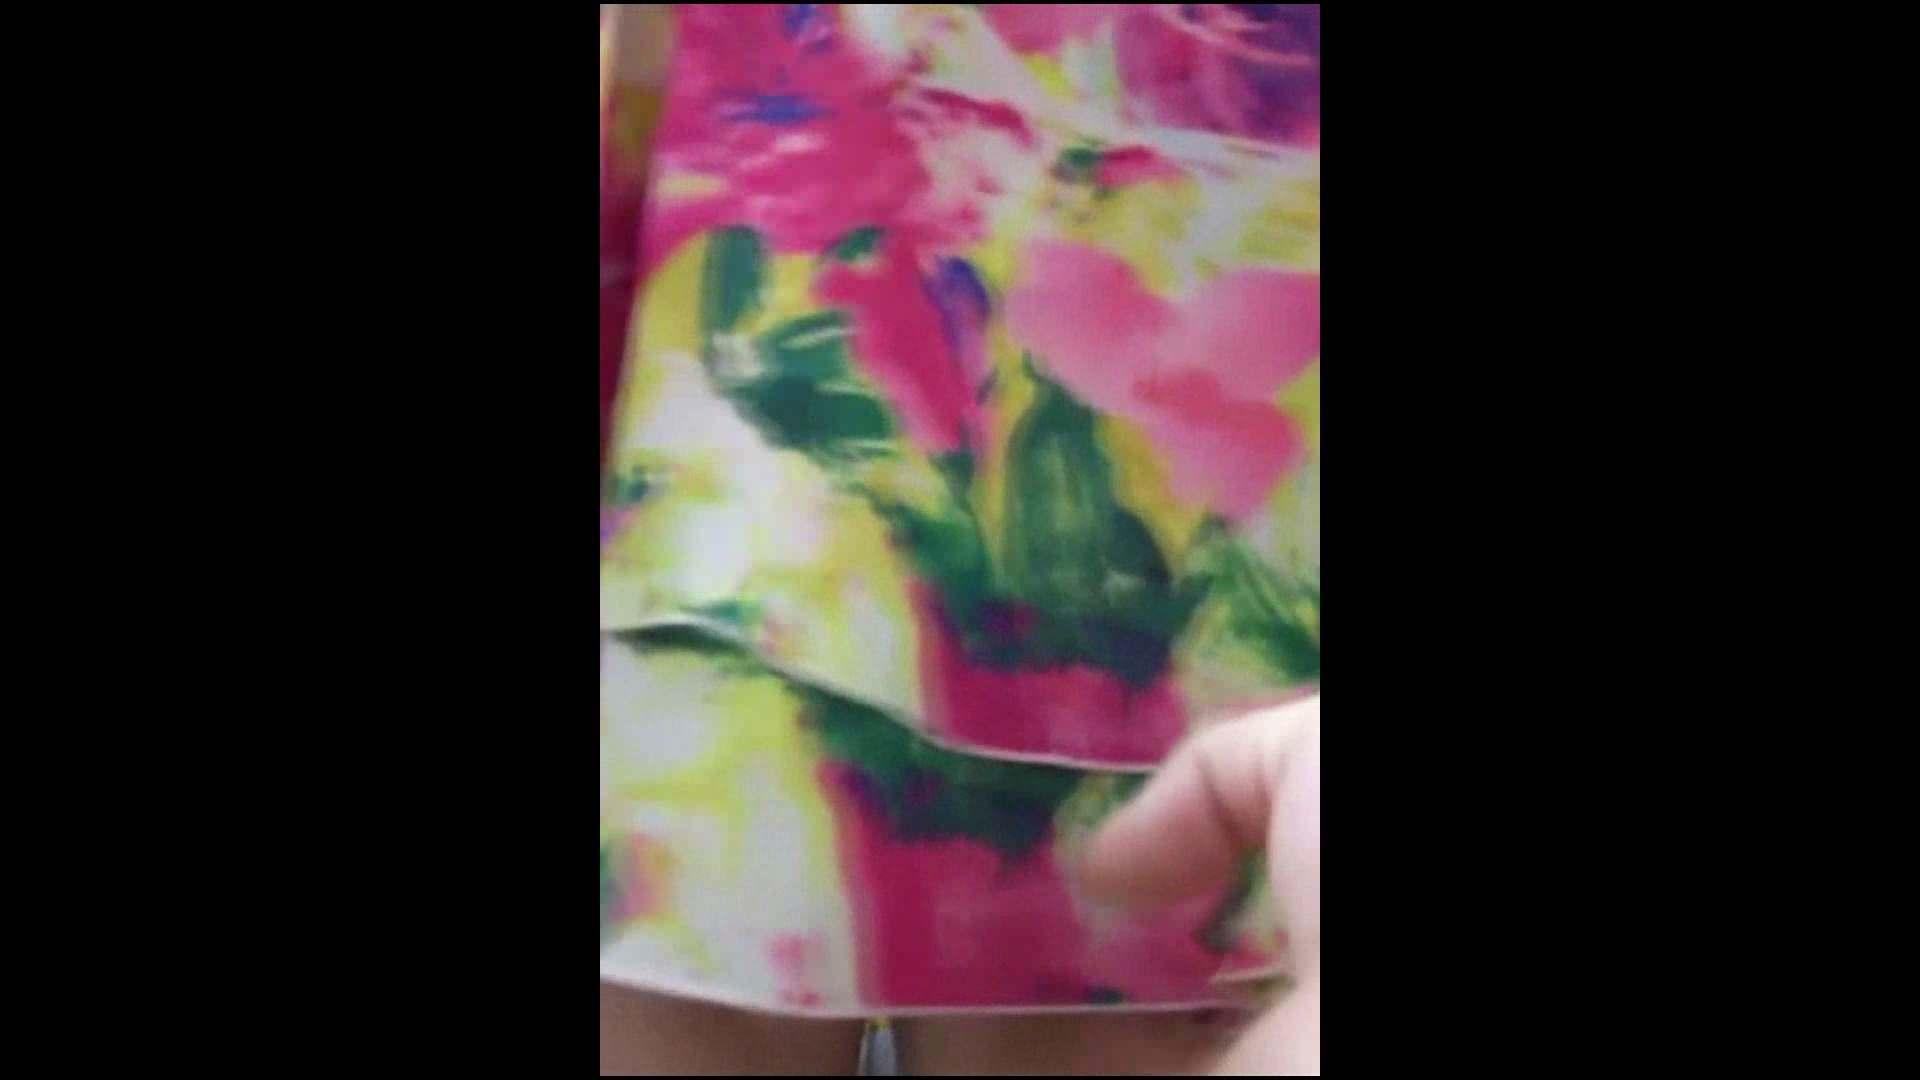 綺麗なモデルさんのスカート捲っちゃおう‼vol01 お姉さん  95連発 81